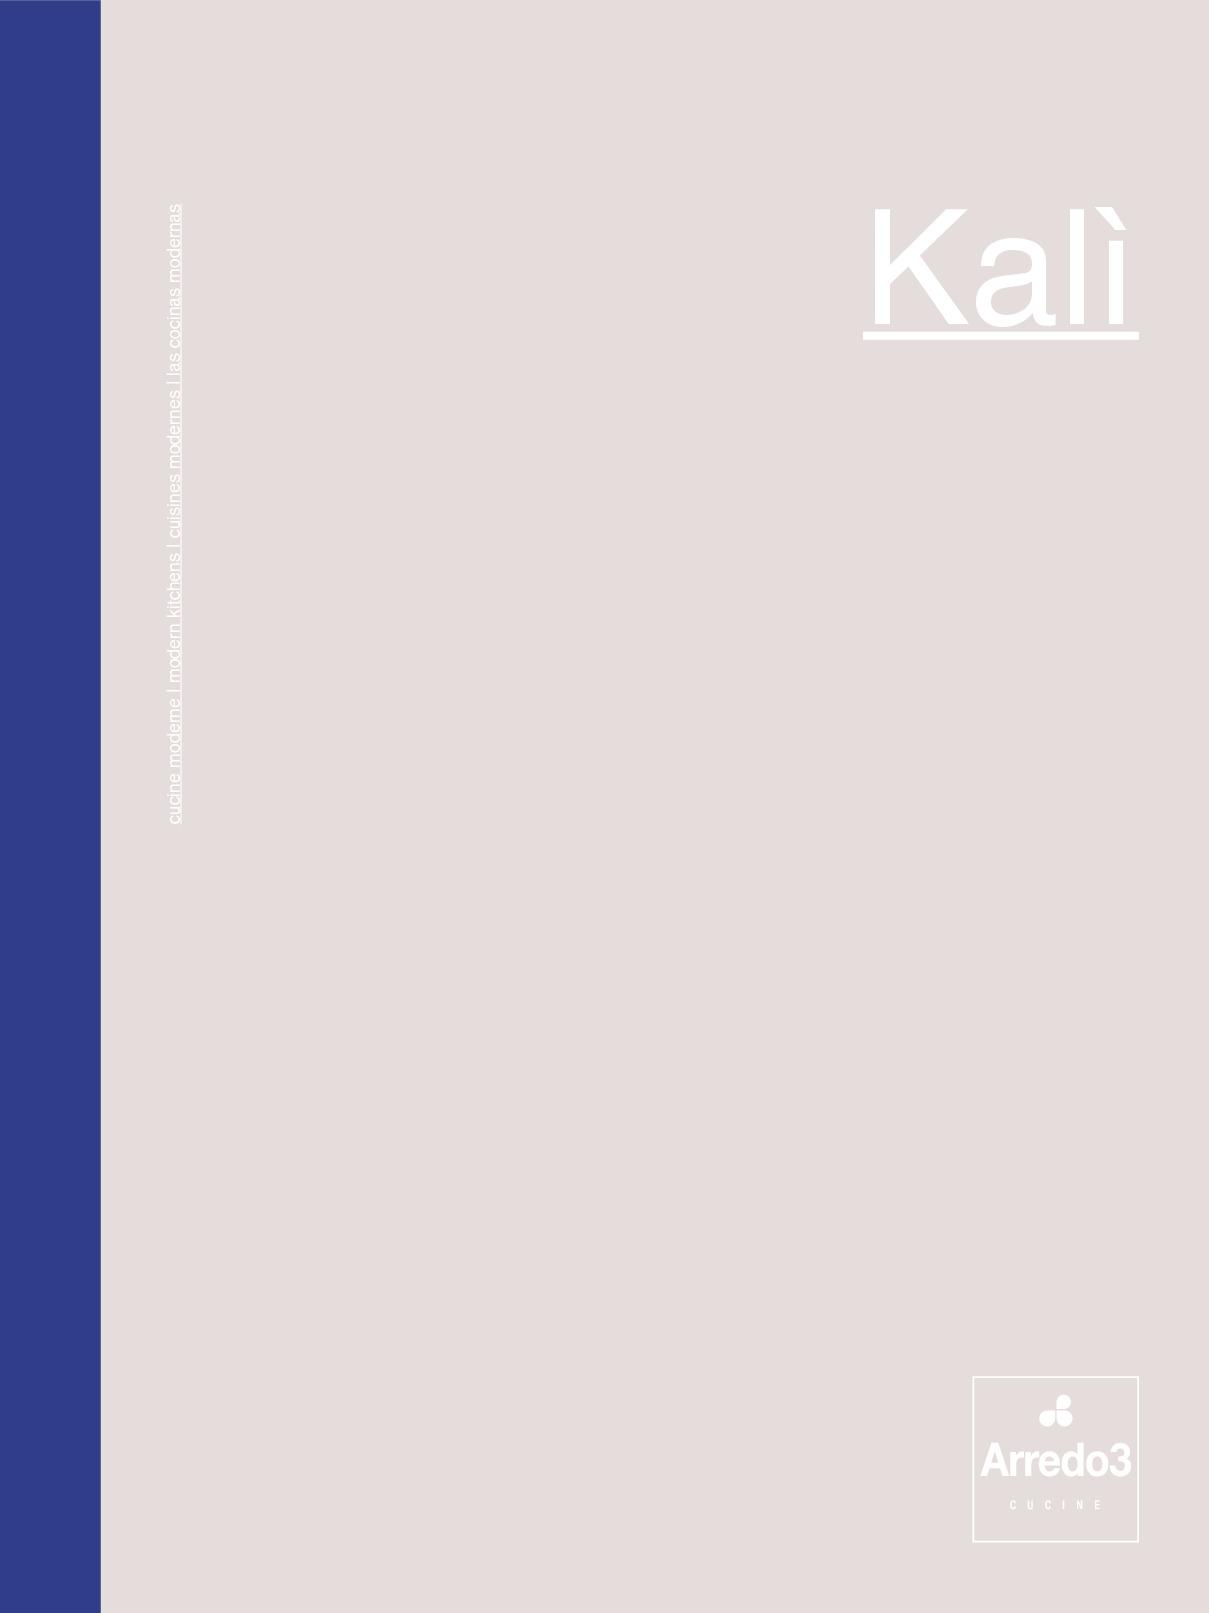 thumbnail of CATALOGO Kali